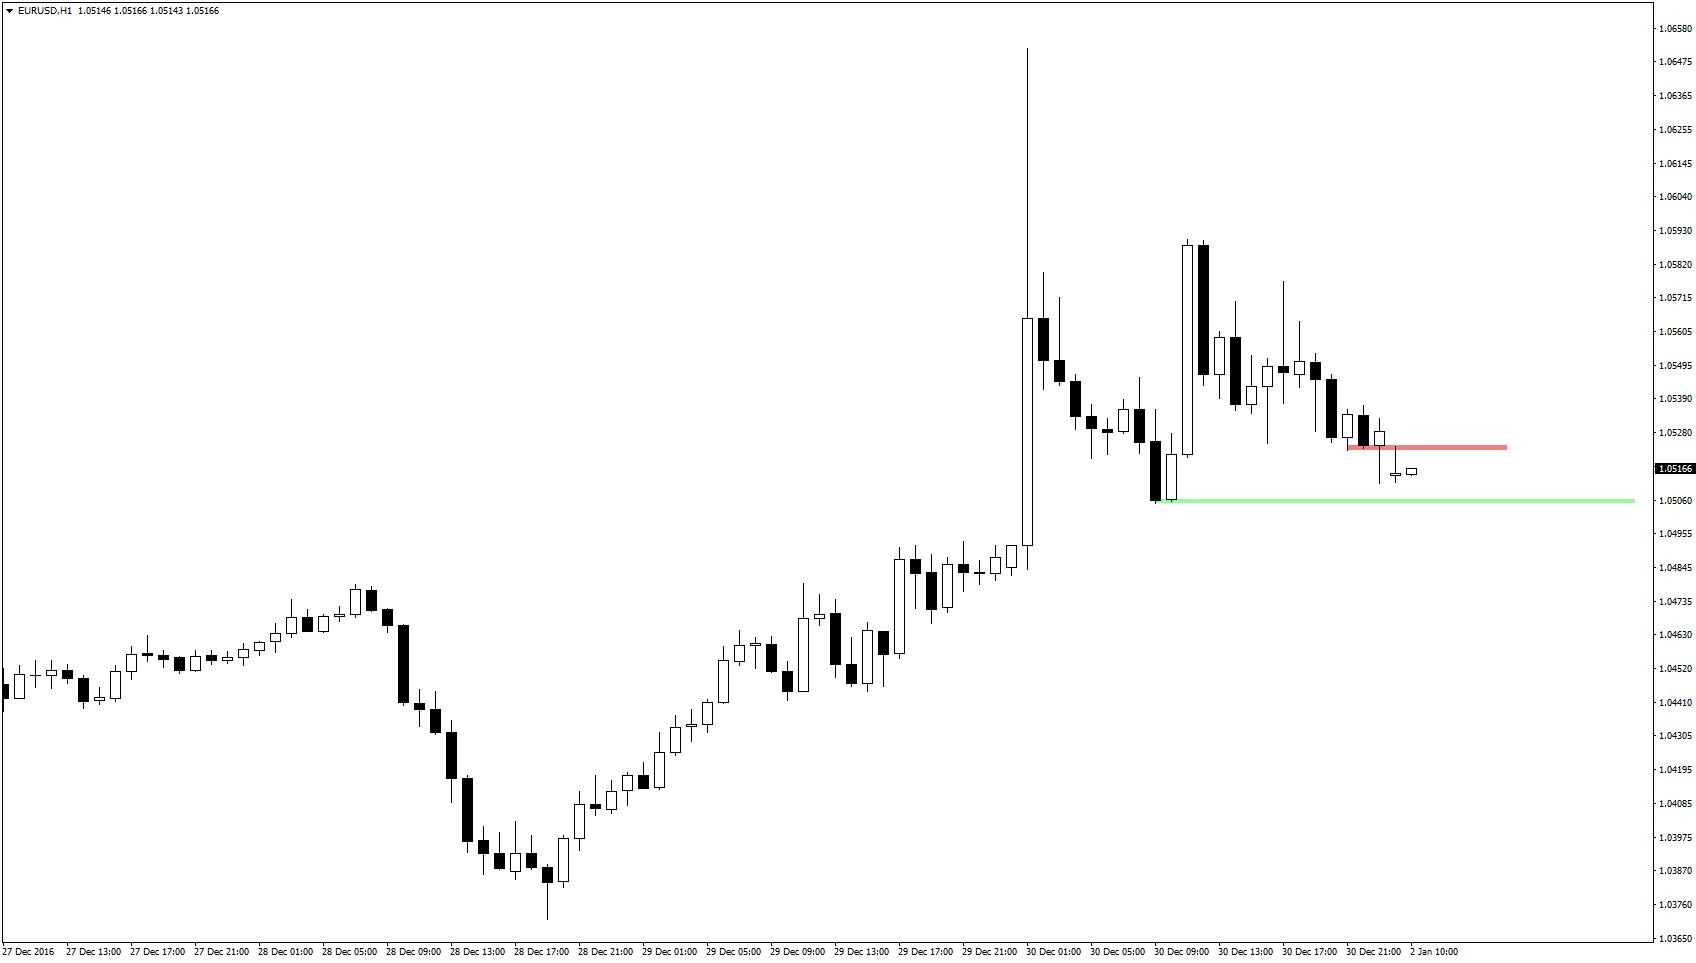 EUR/USD otworzyło się luką spadkową, jednak byki dość szybko doprowadziły do testu lokalnego oporu w rejonie 1,0525. Obecnie wsparciem pozostają dołki z 30 grudnia w okolicy równego poziomu 1,05